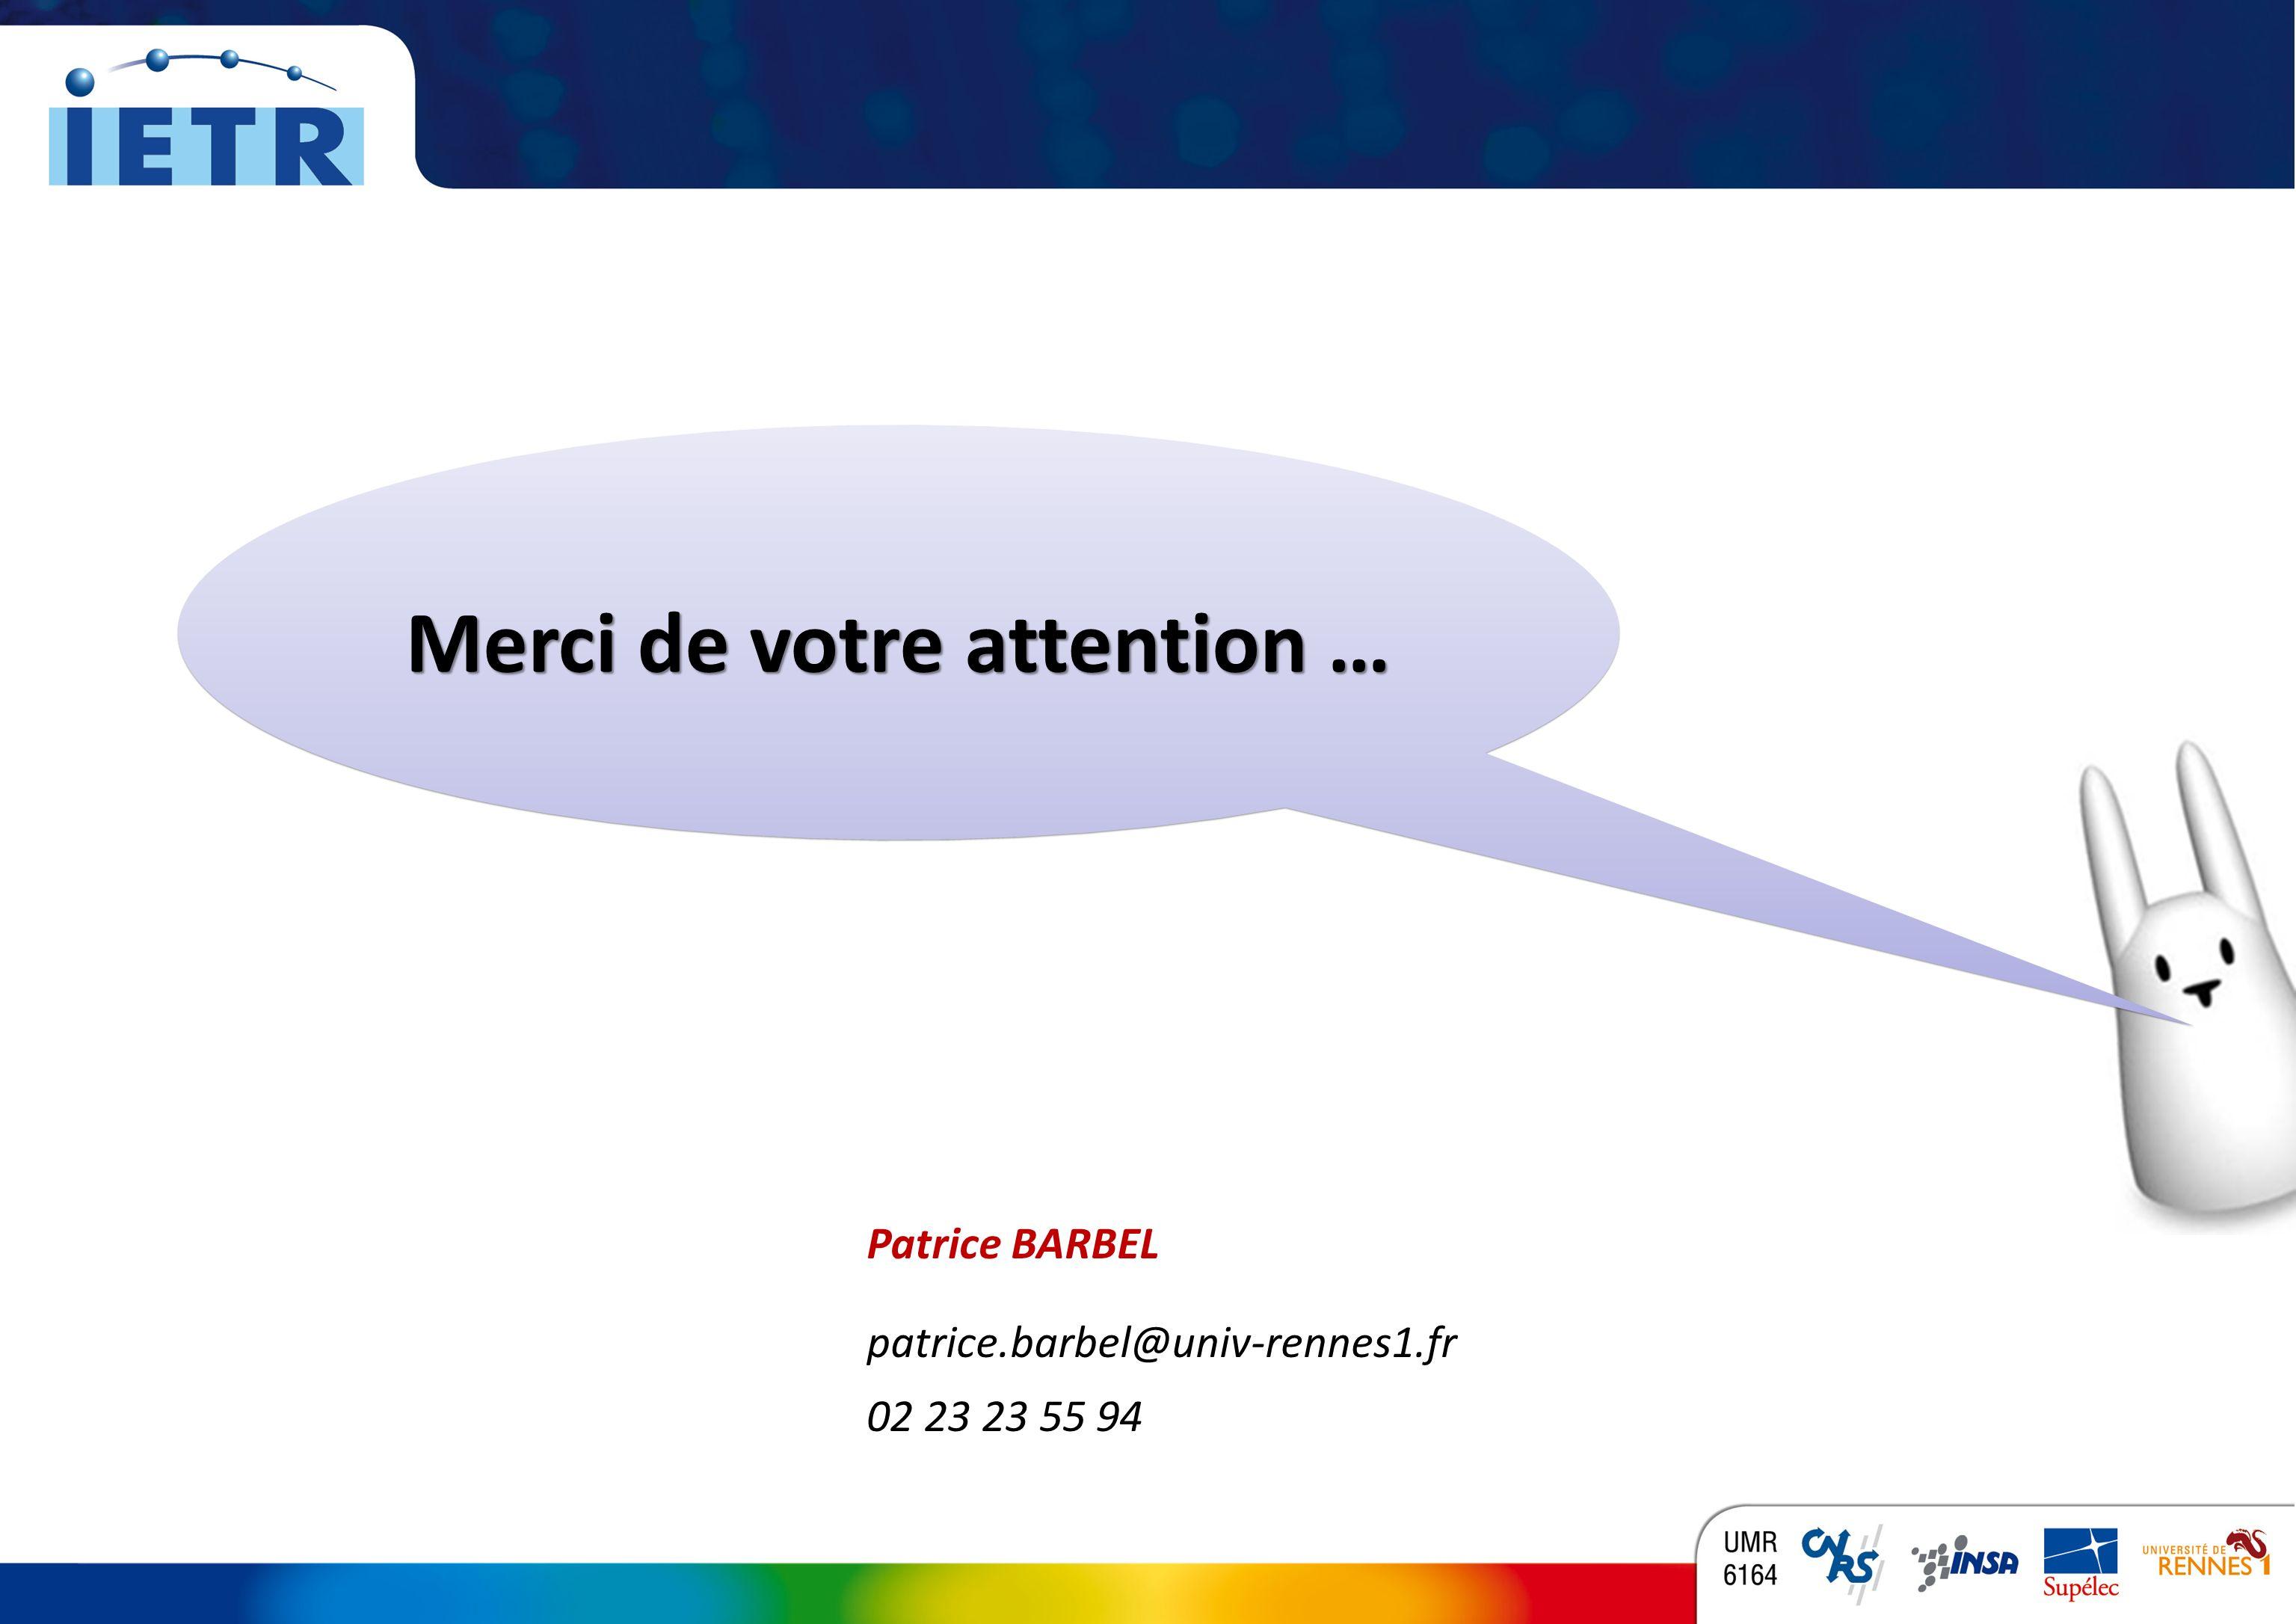 TITRE INSTITUT DÉLECTRONIQUE ET DE TÉLÉCOMMUNICATIONS DE RENNES Merci de votre attention … Patrice BARBEL patrice.barbel@univ-rennes1.fr 02 23 23 55 94